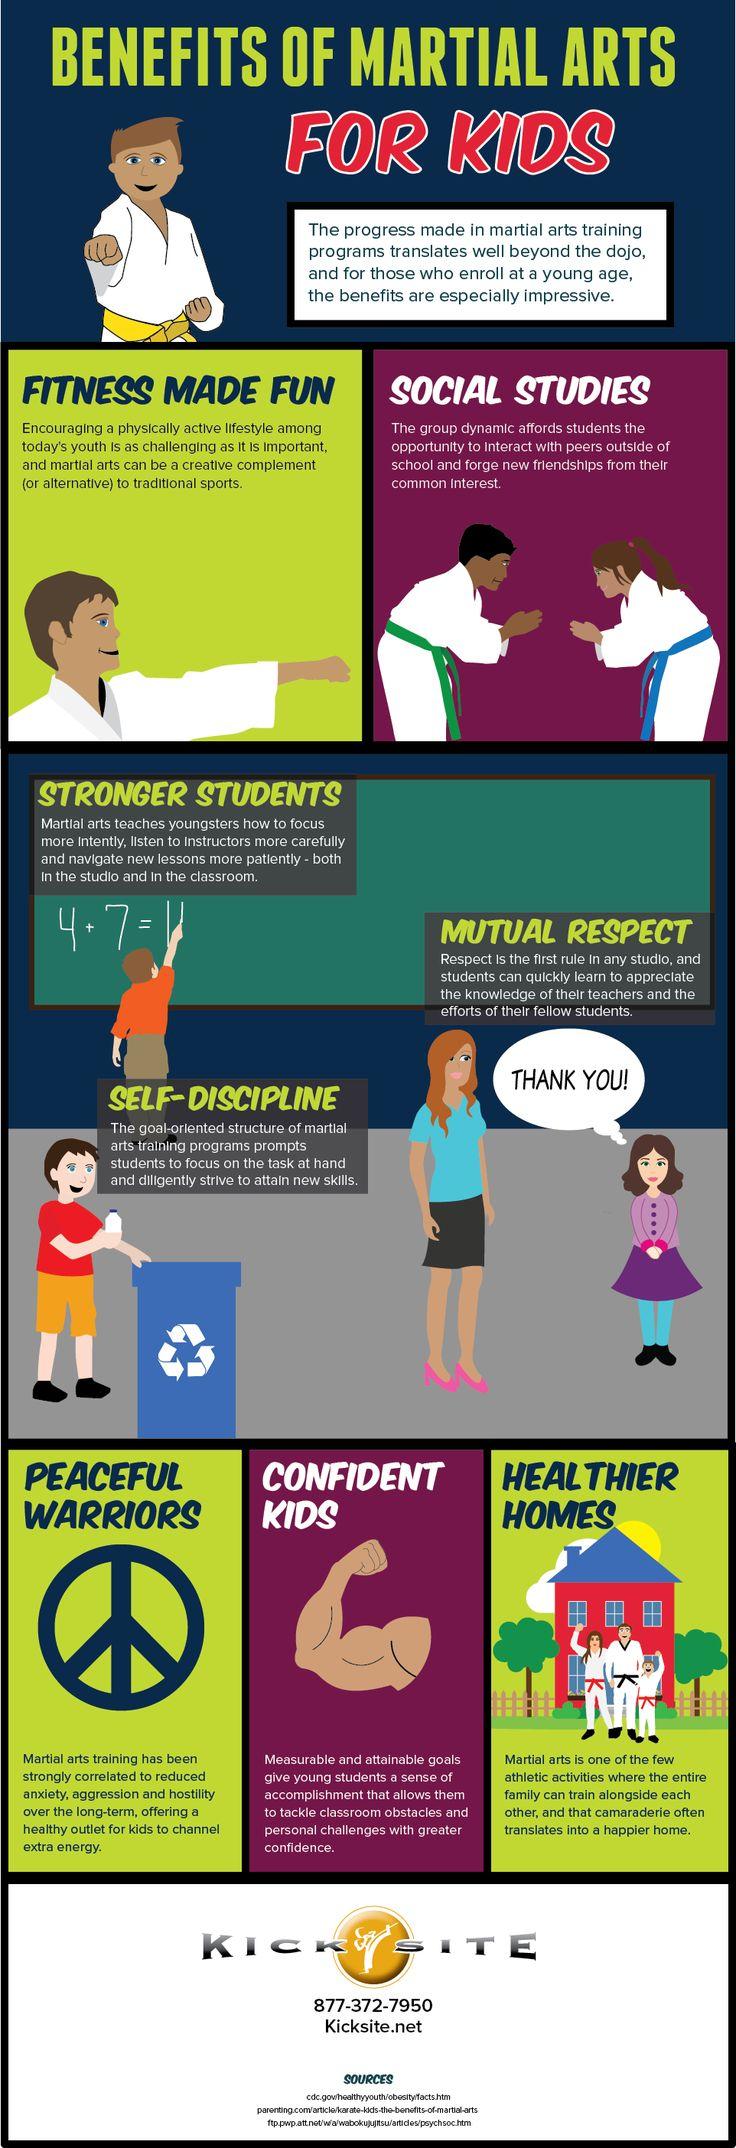 Benefits Of Martial Arts For Kids Infographic-b4d60c9f903df8fb8749934d71d587b4.png 962×2,808 pixels